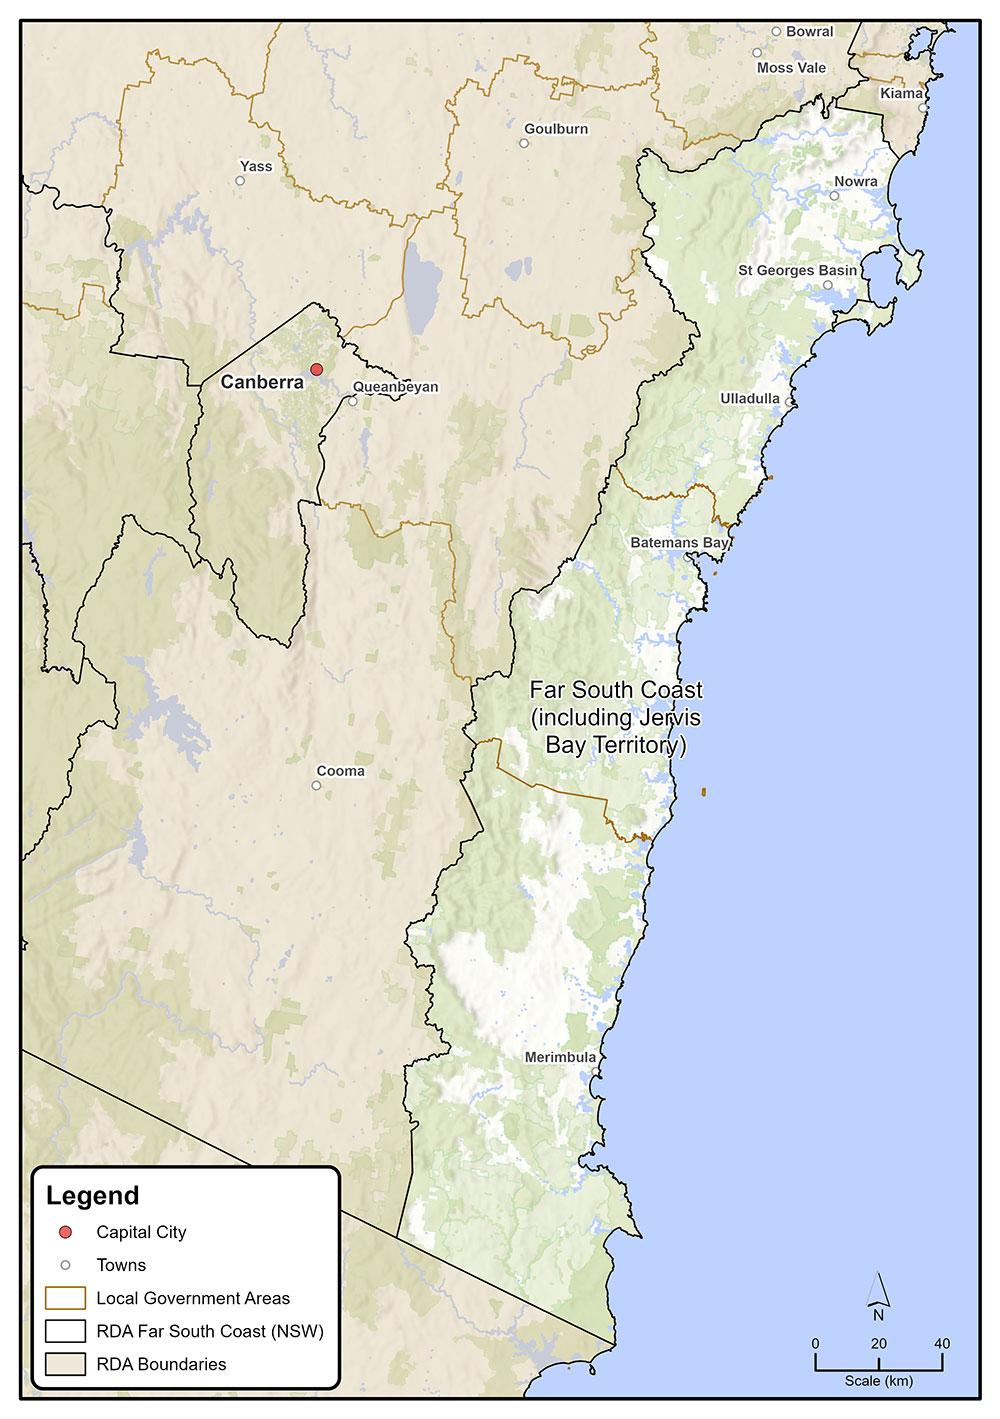 RDA043-Far-South-Coast-(NSW)-map